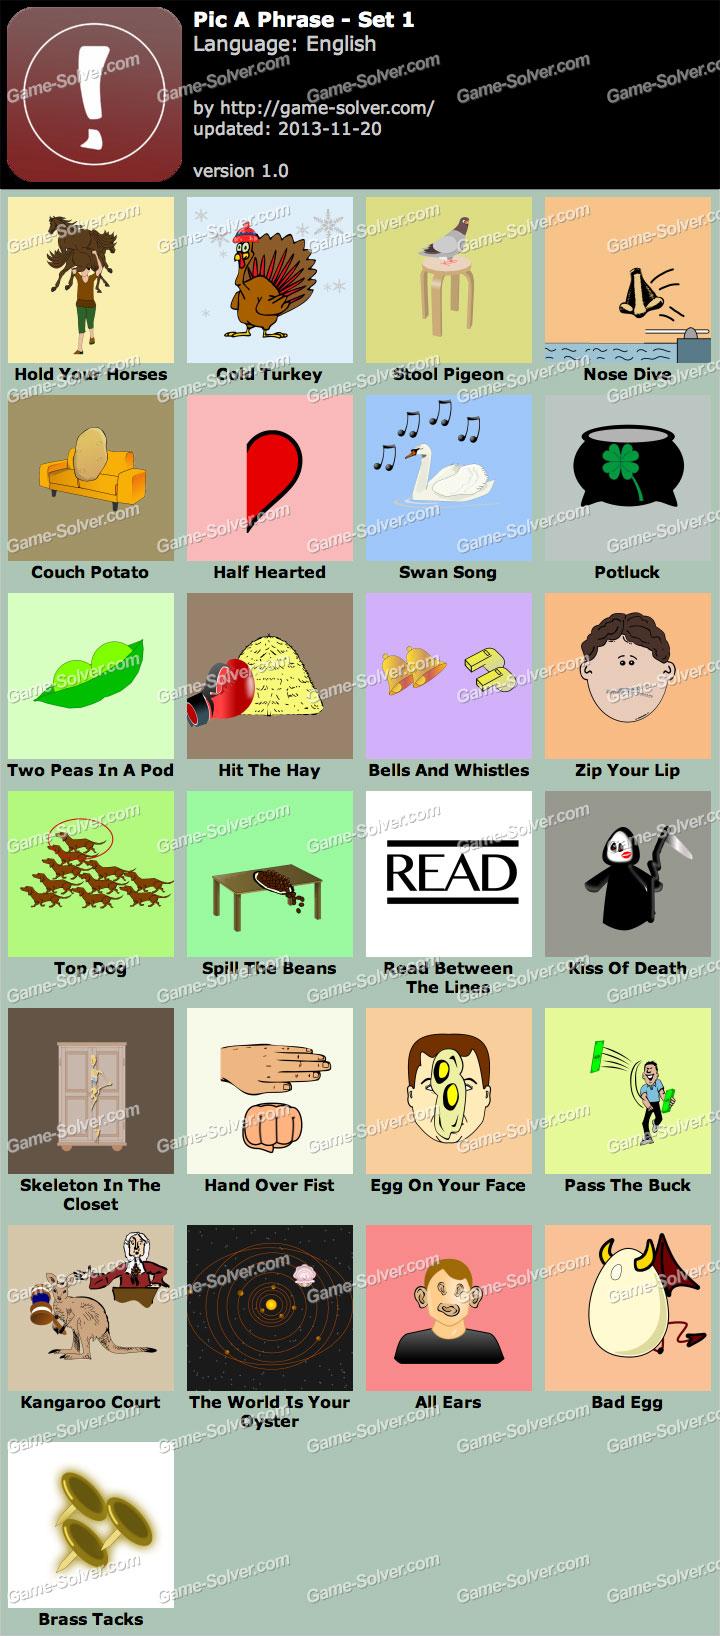 Pic a Phrase et 1